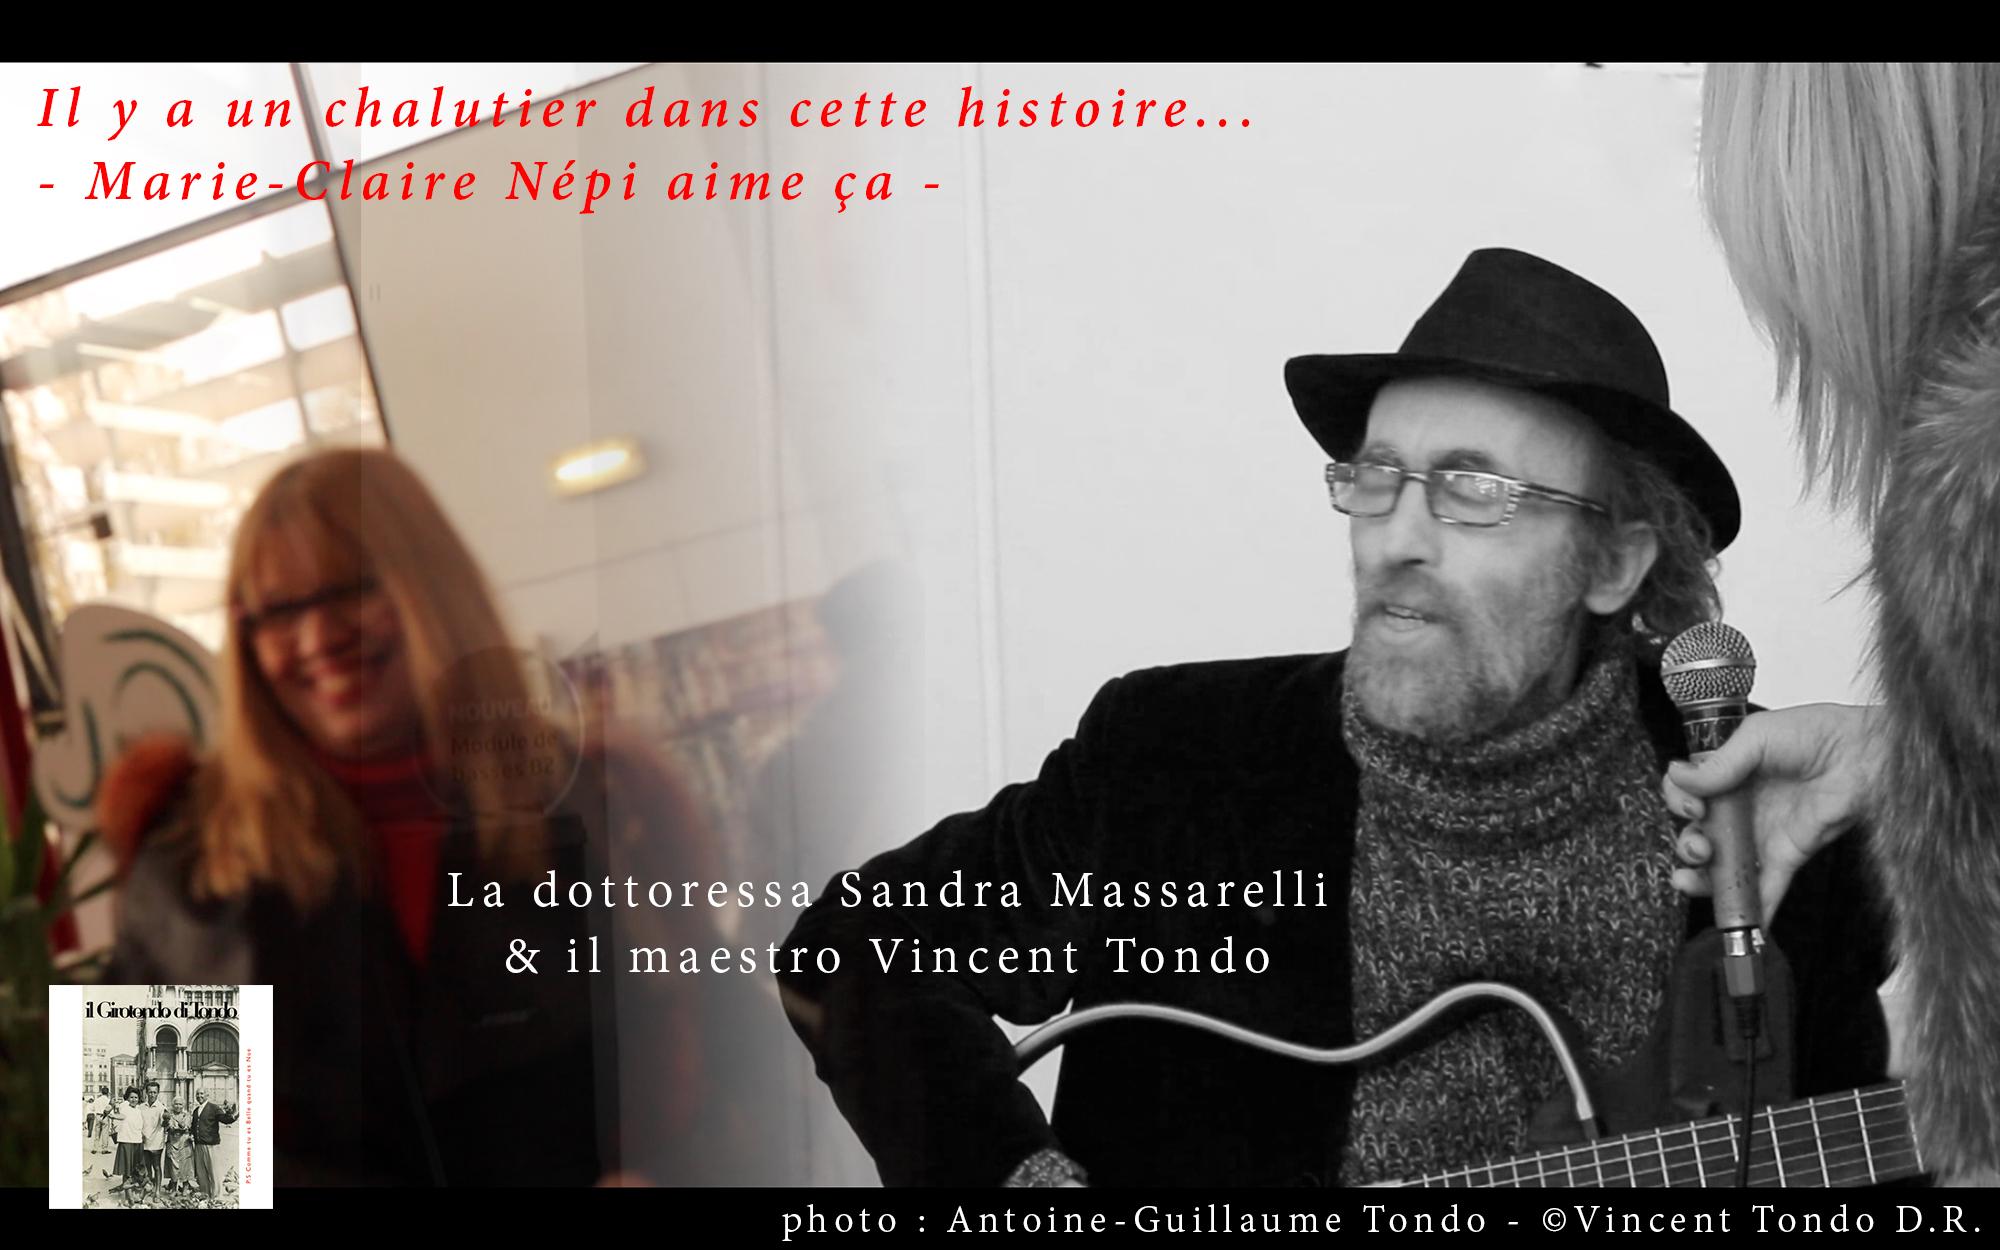 Sandrea Massarelli & Vincent Tondo